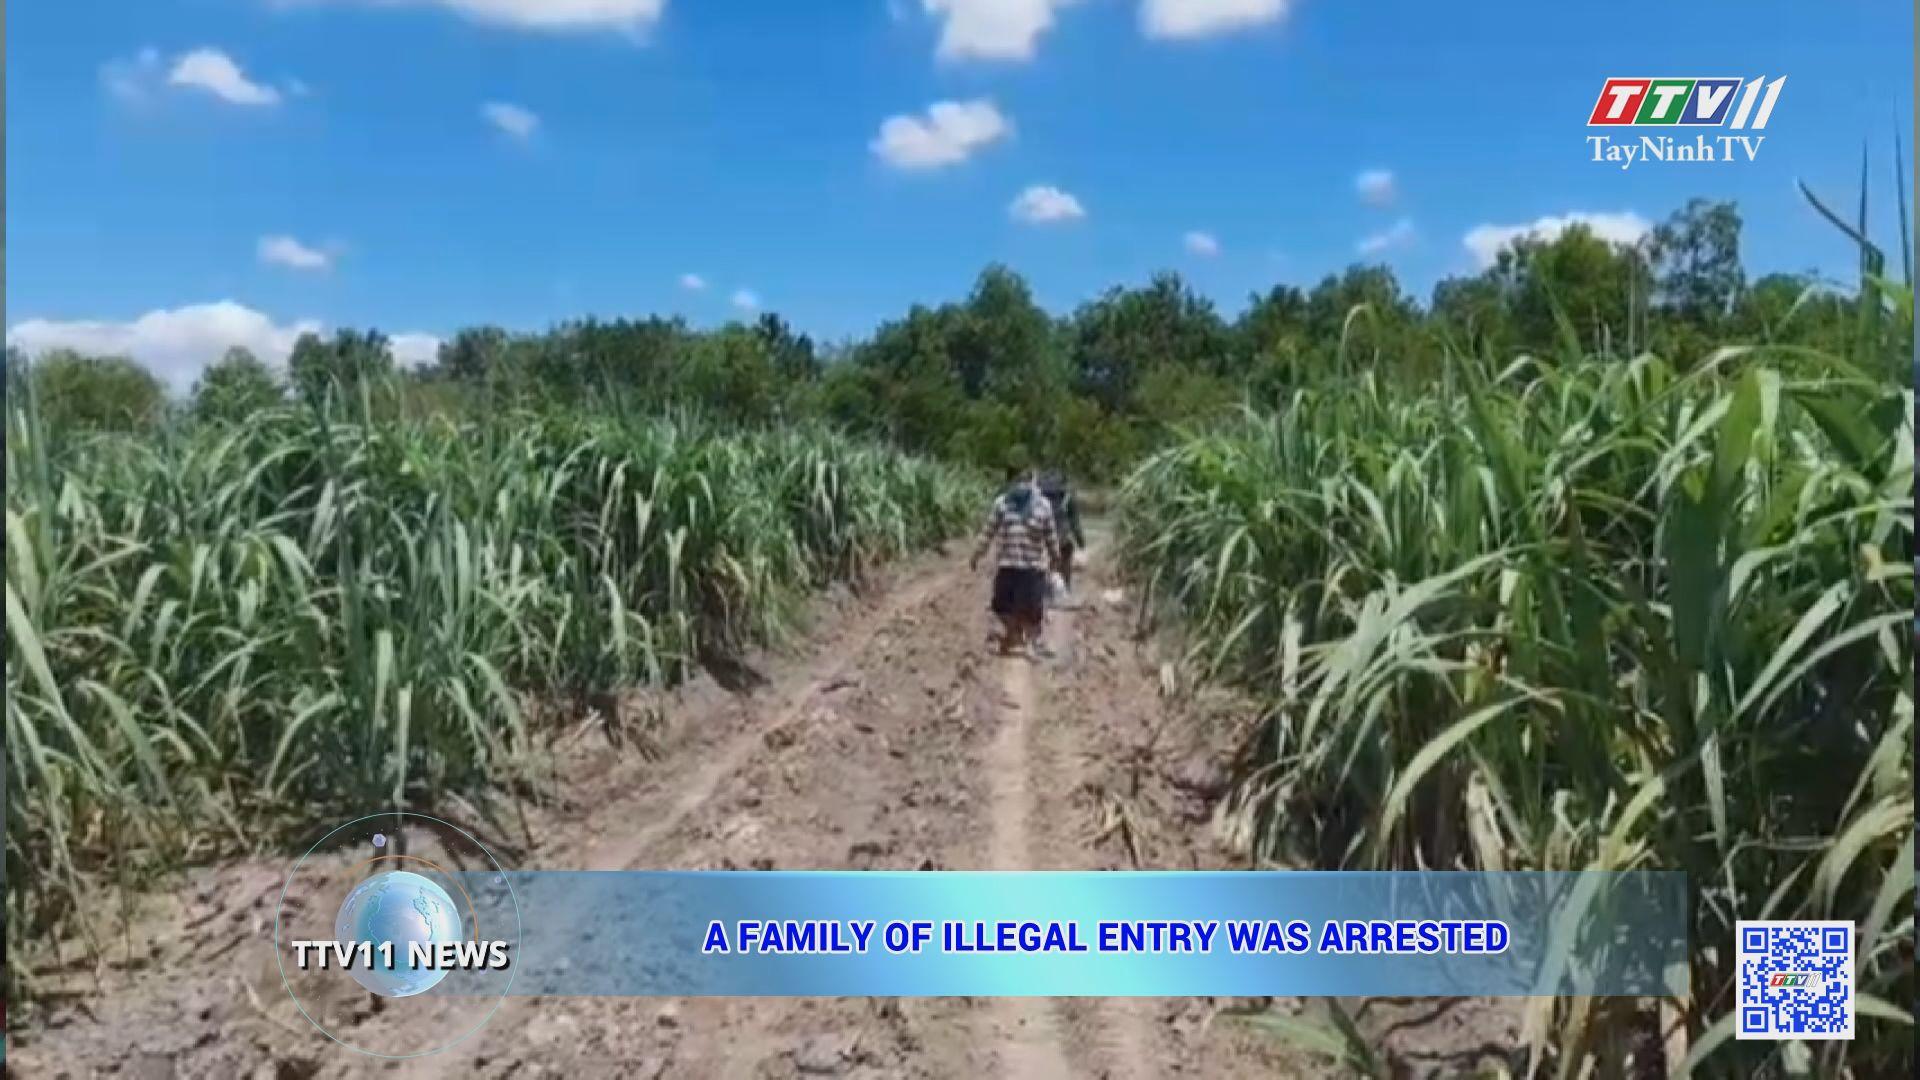 TTVNEWS 18-6-2021 | TayNinhTV Today